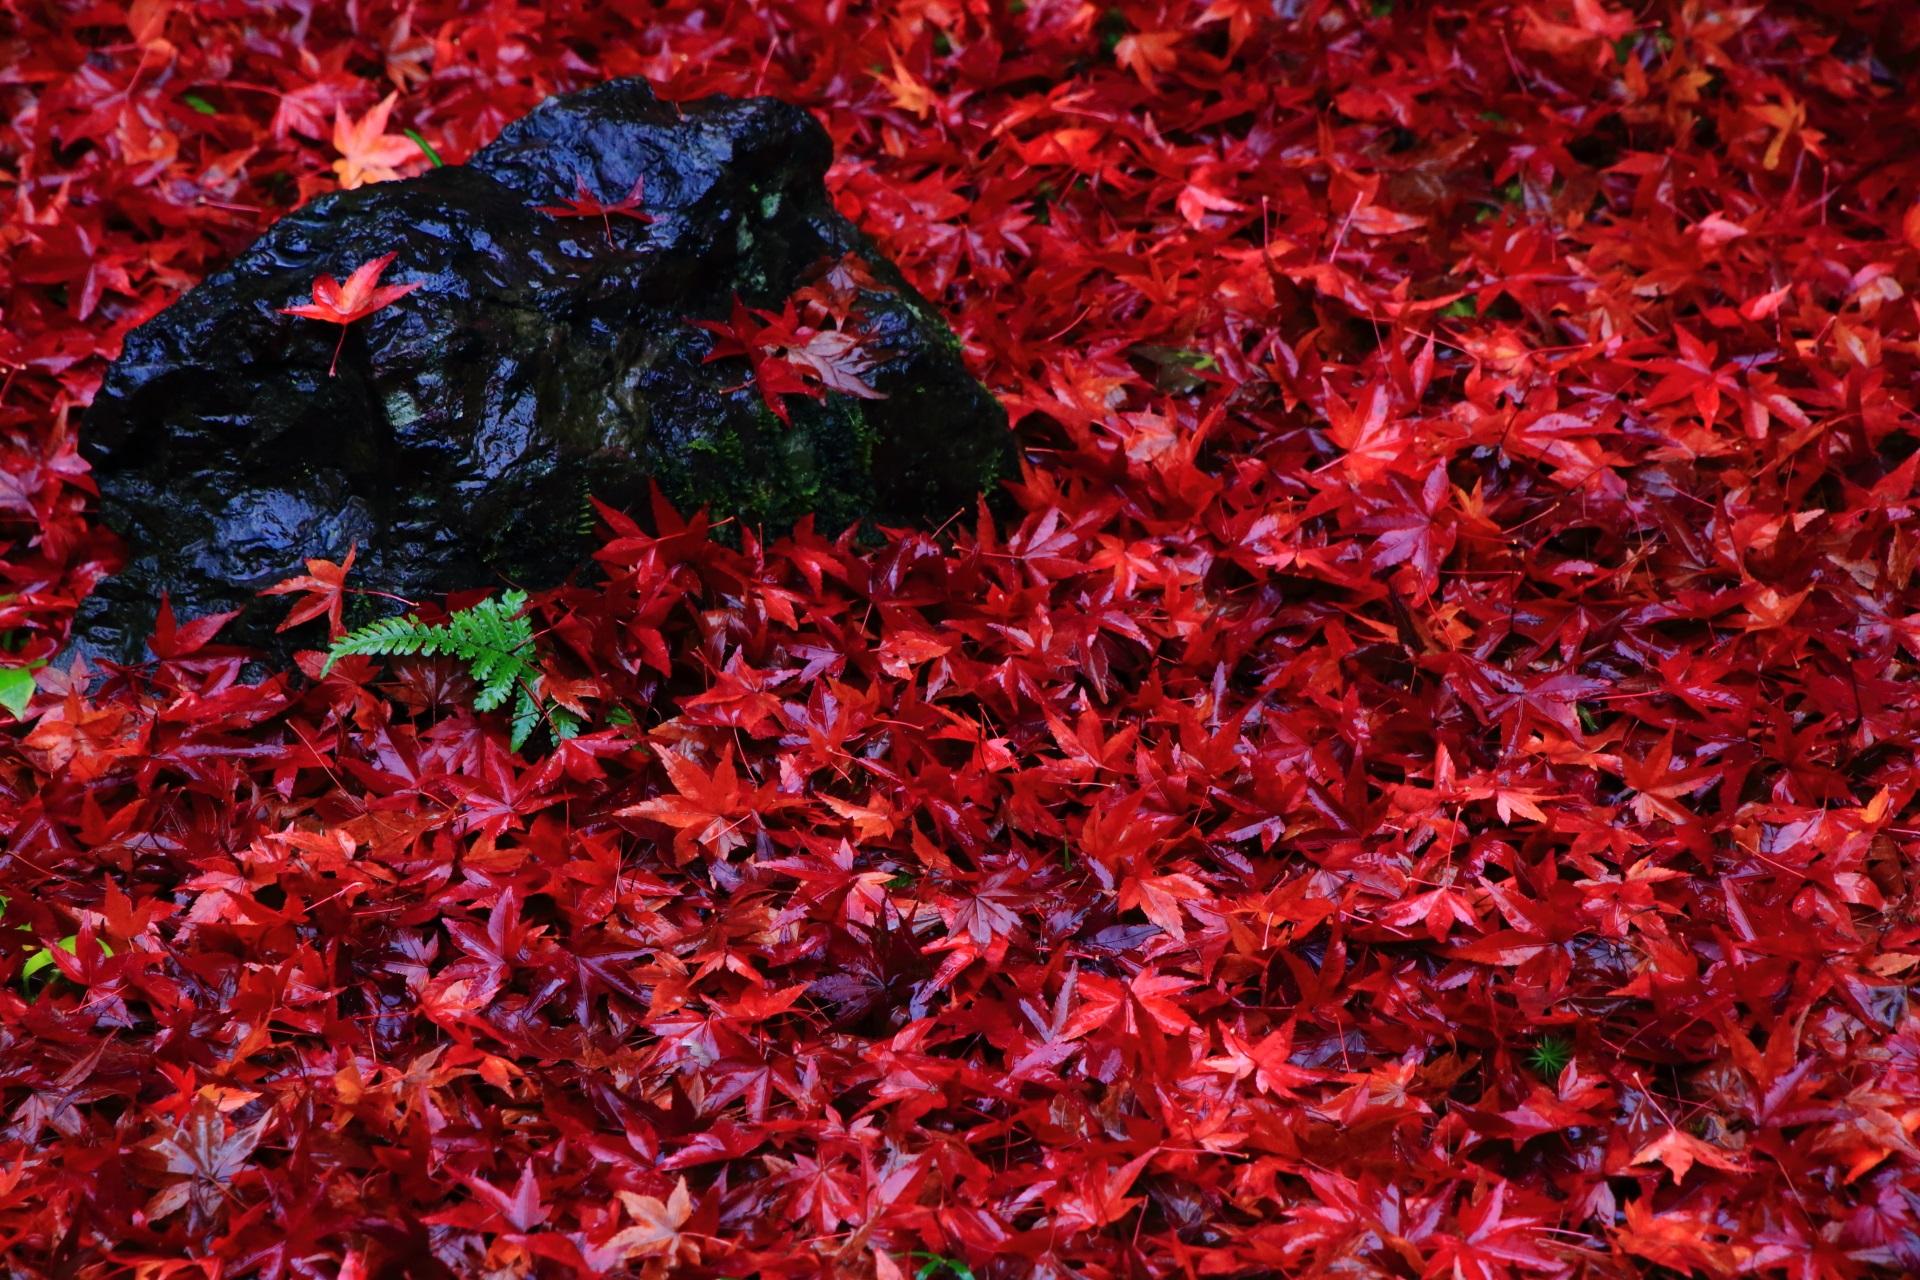 紅葉の量が半端ない金福寺の散り紅葉